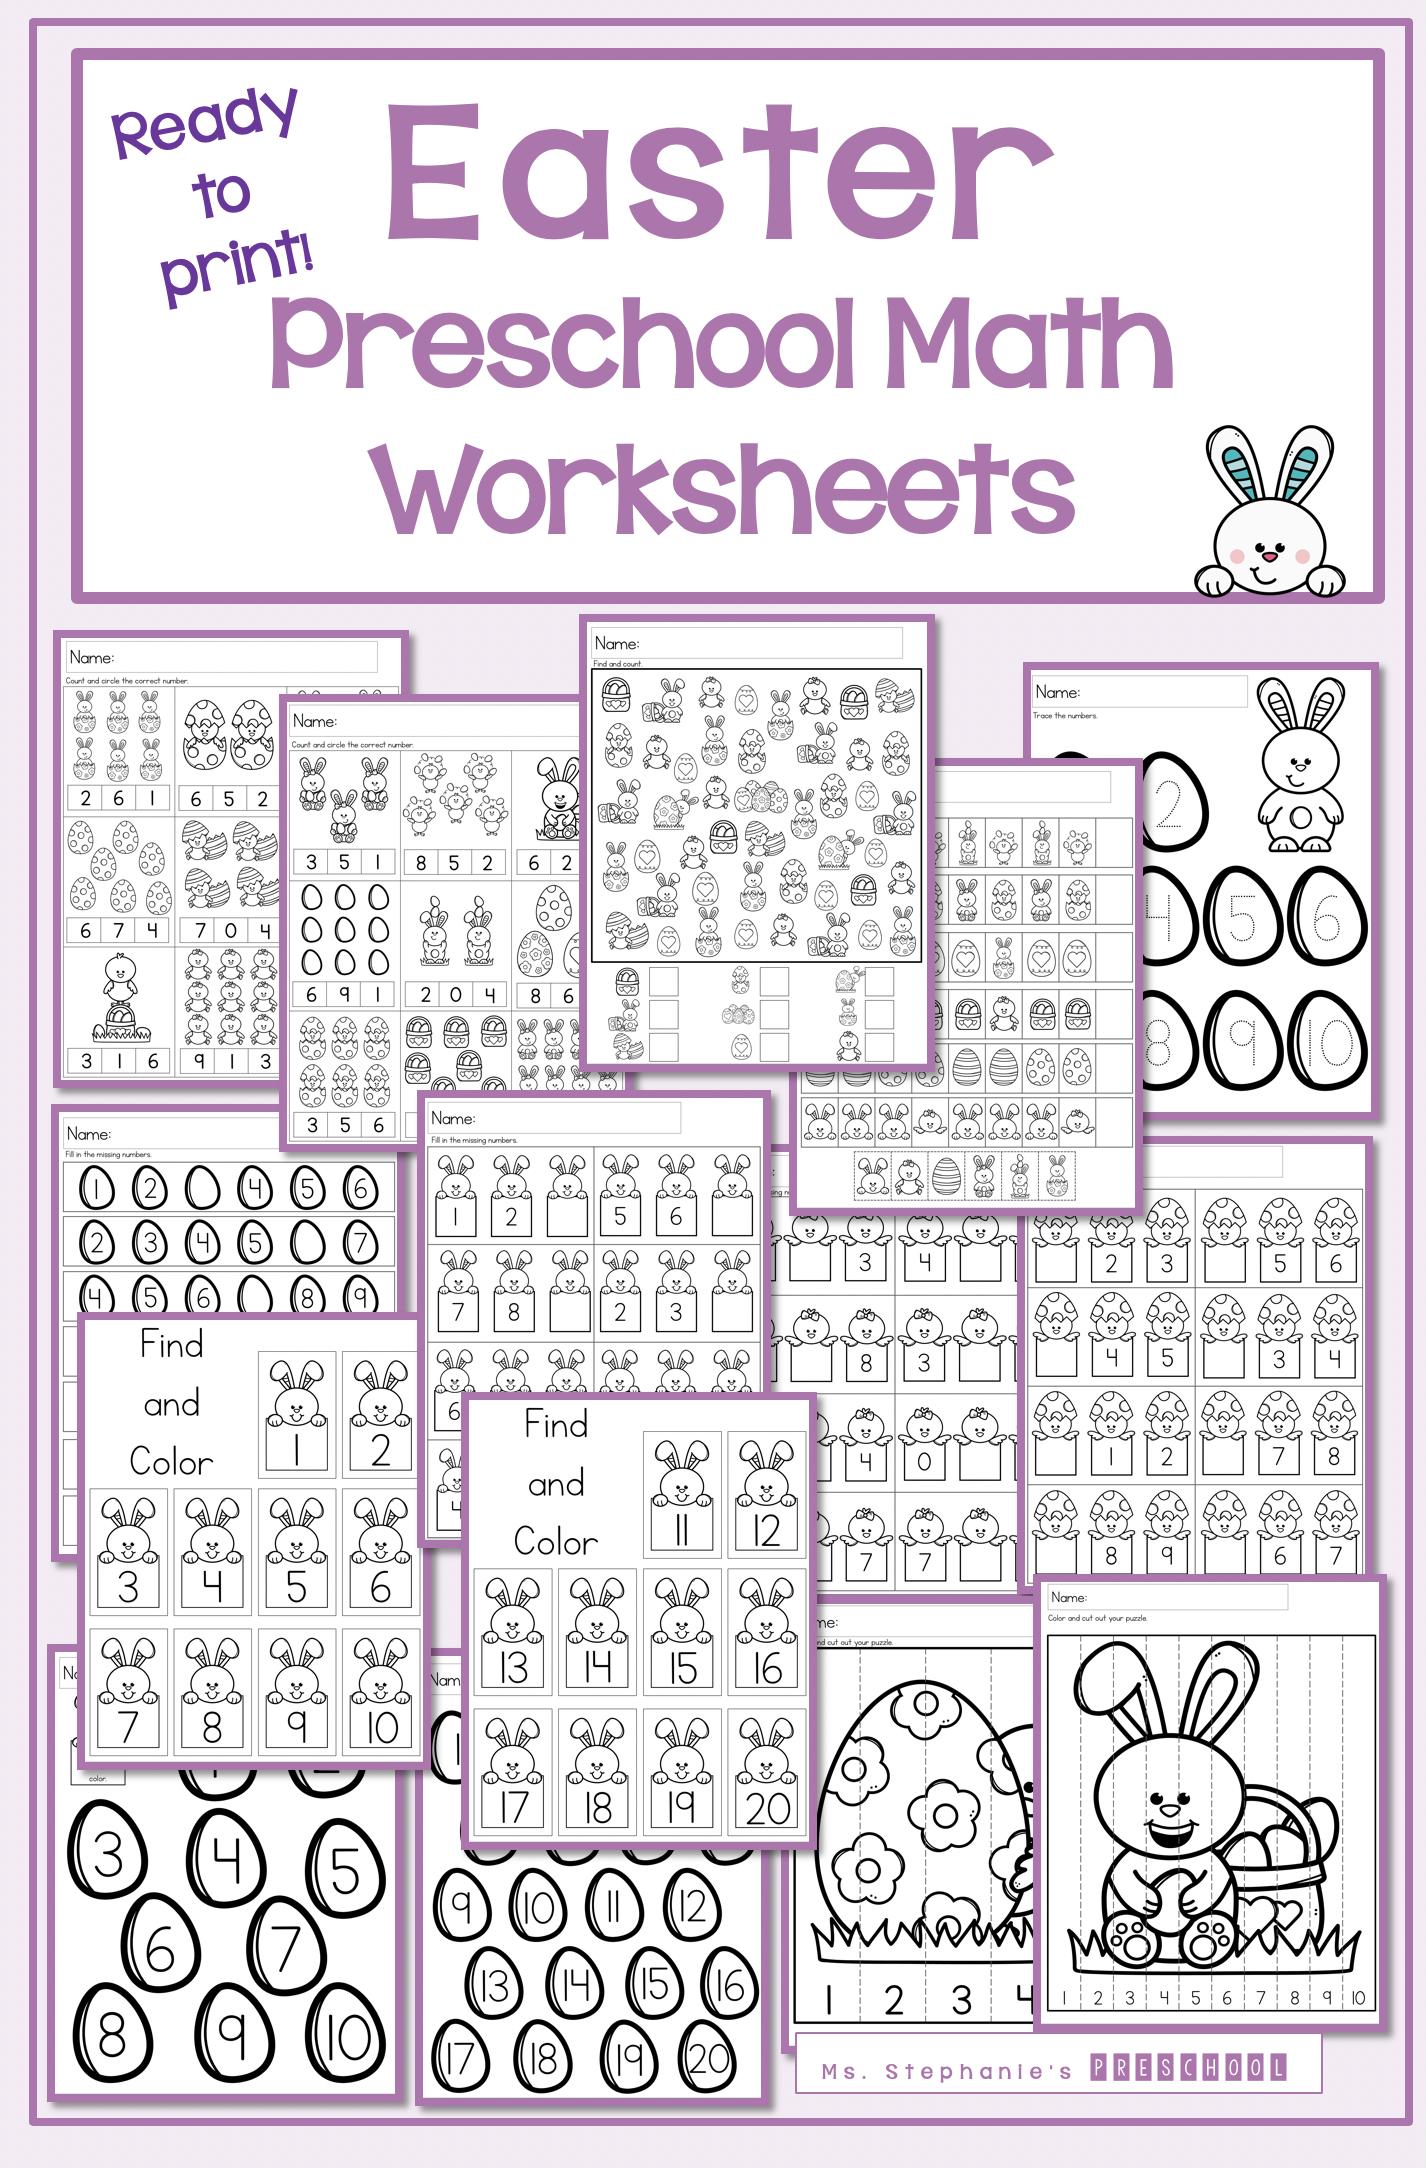 Easter Preschool Math Worksheets In